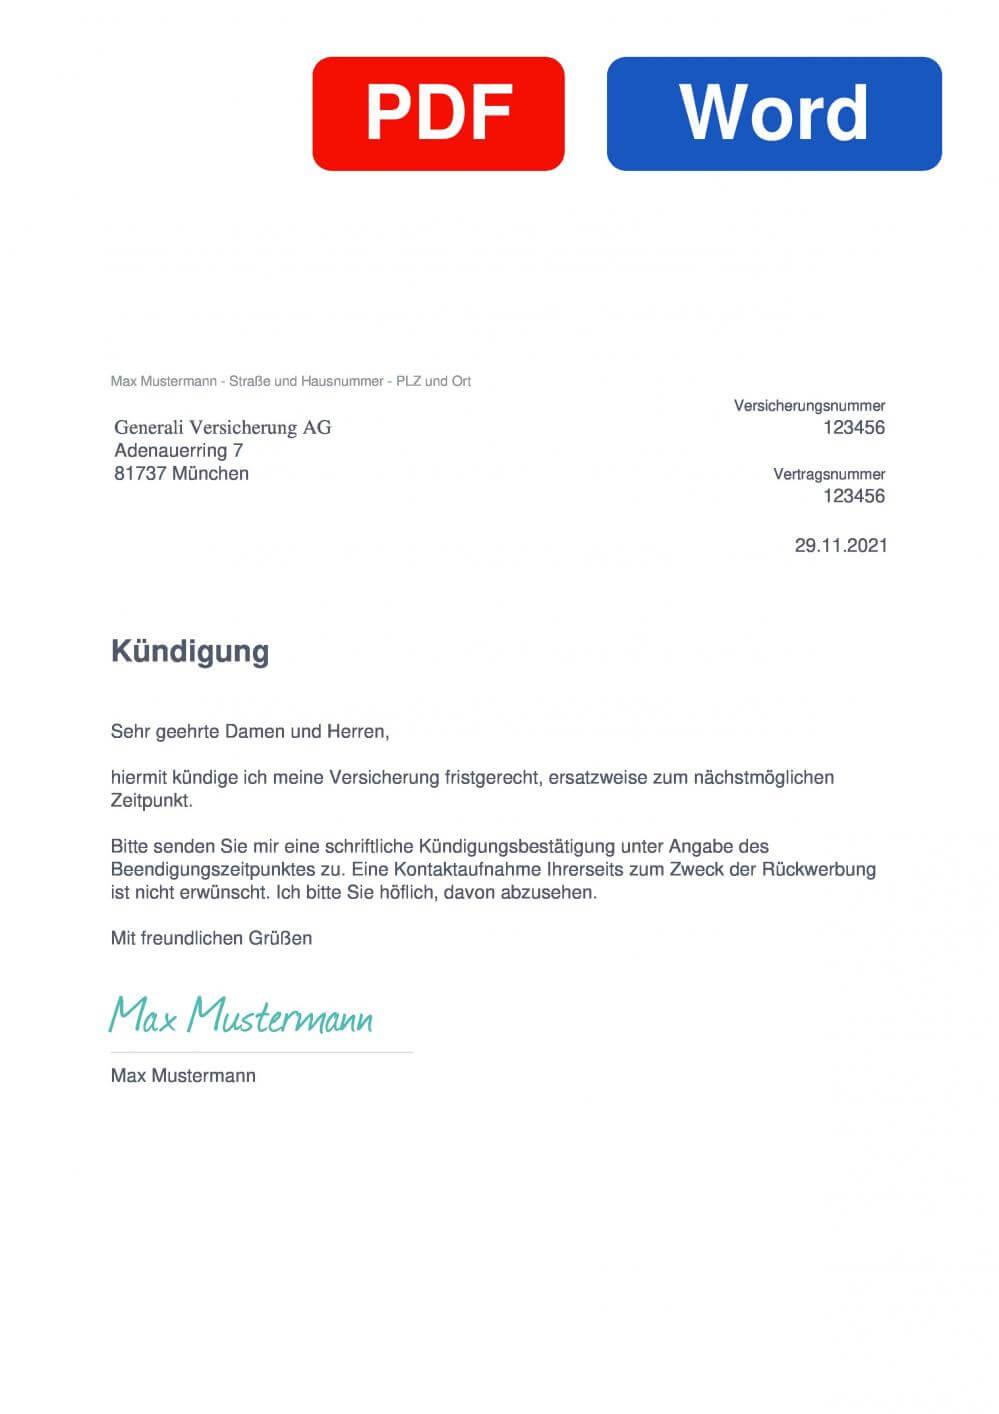 Generali Riester Rente Muster Vorlage für Kündigungsschreiben